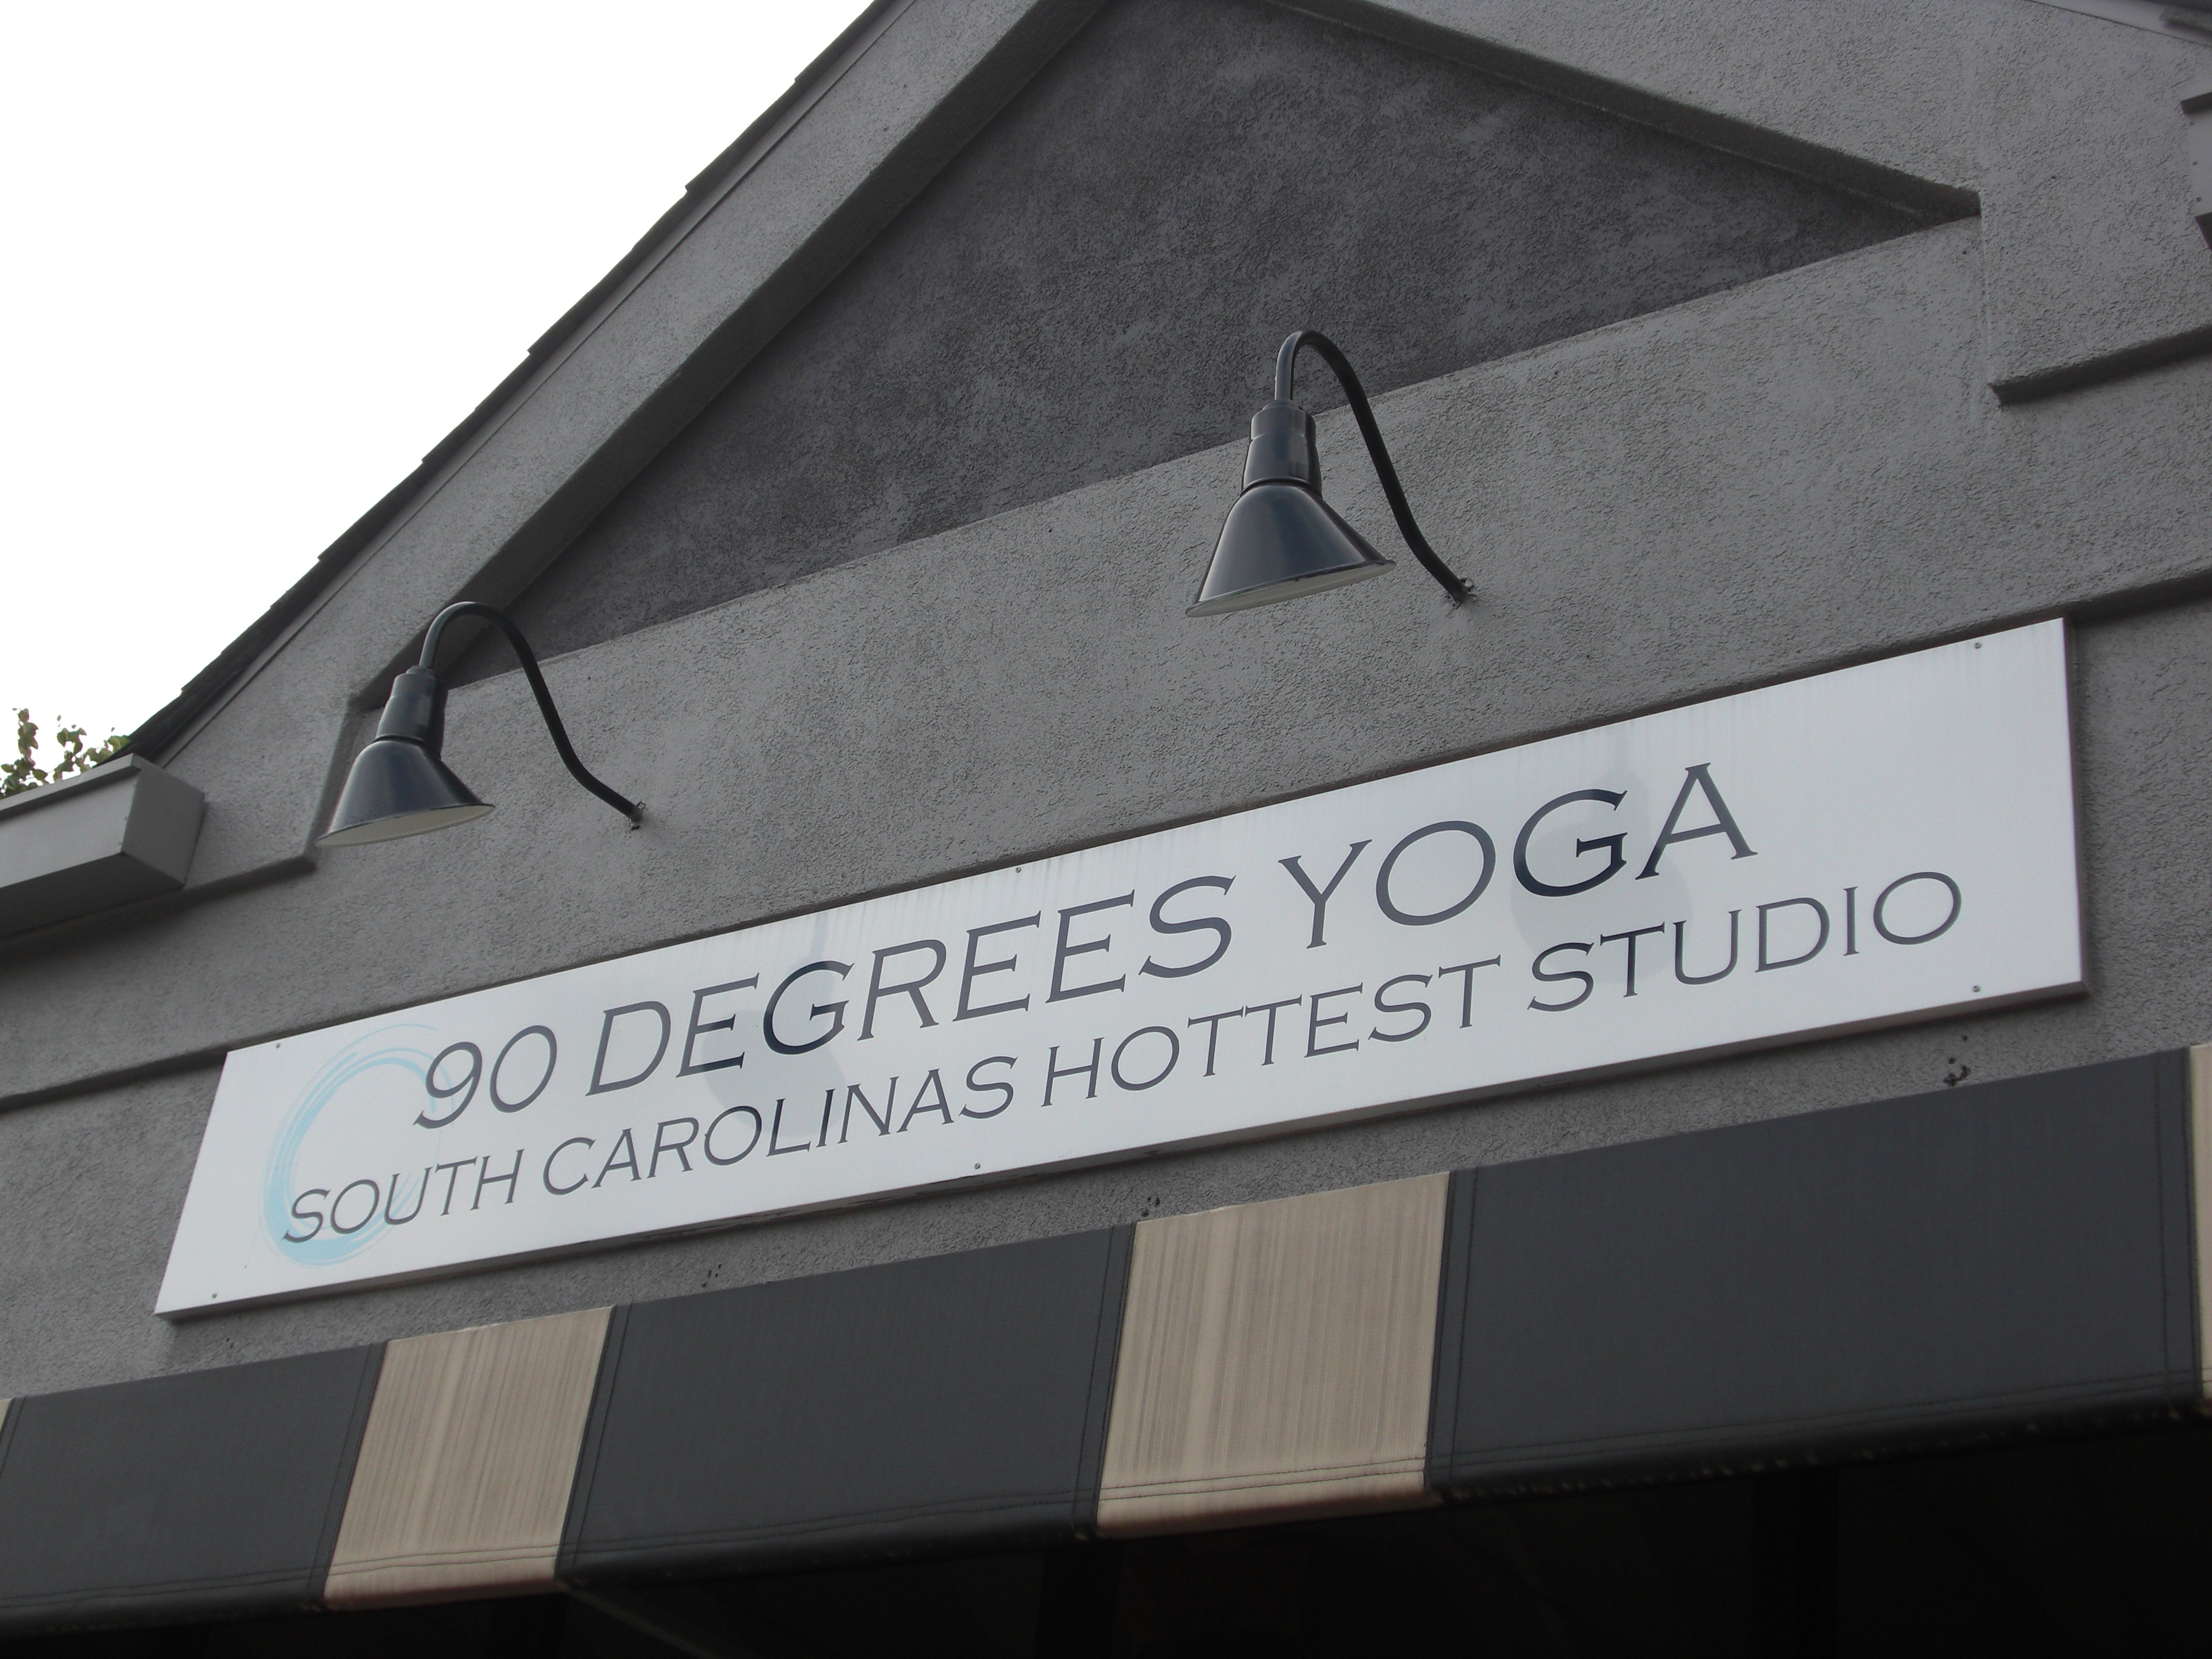 writing at 90 degrees yoga